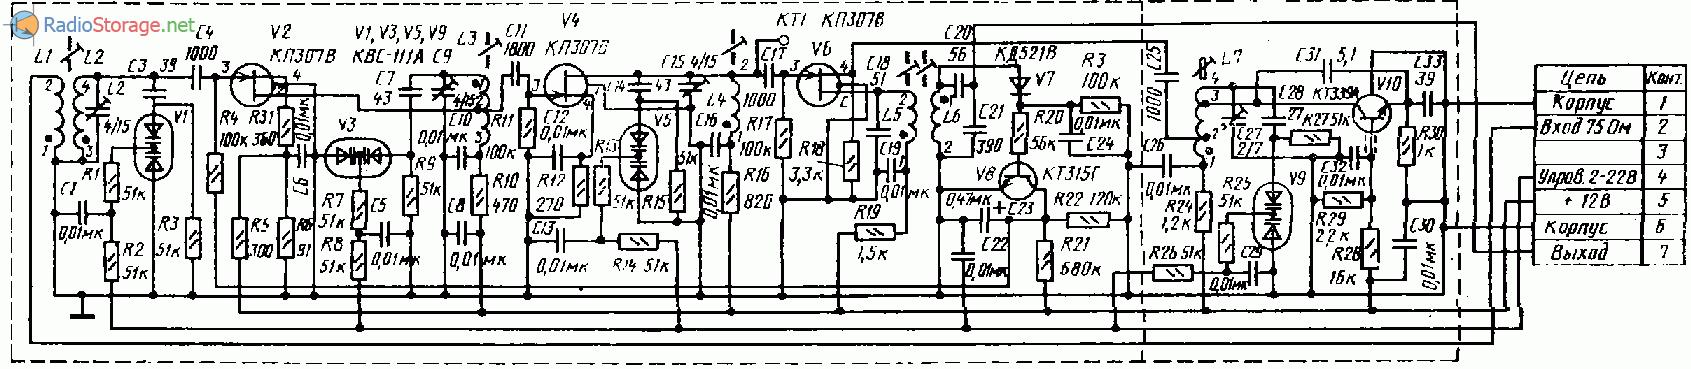 Корвет-004 стерео (усилитель мощности, тюнер), схема